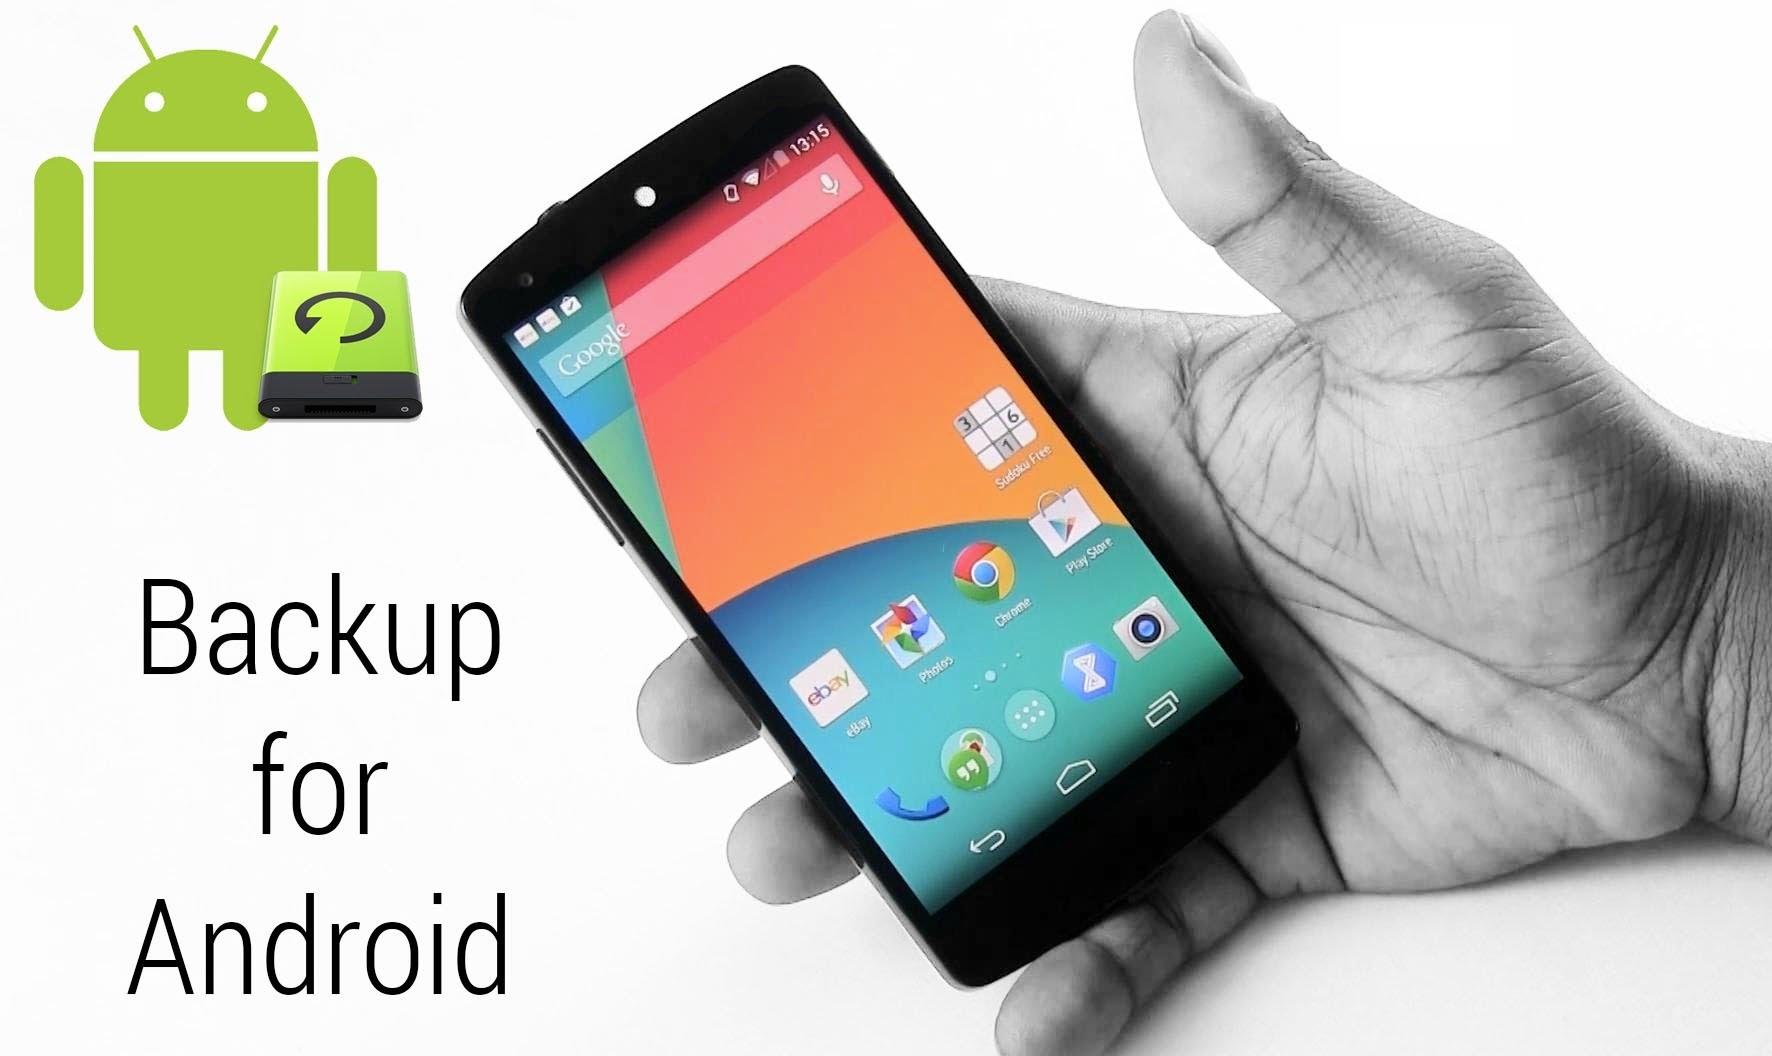 Как сделать резервную копию смартфона на Android - главное фото